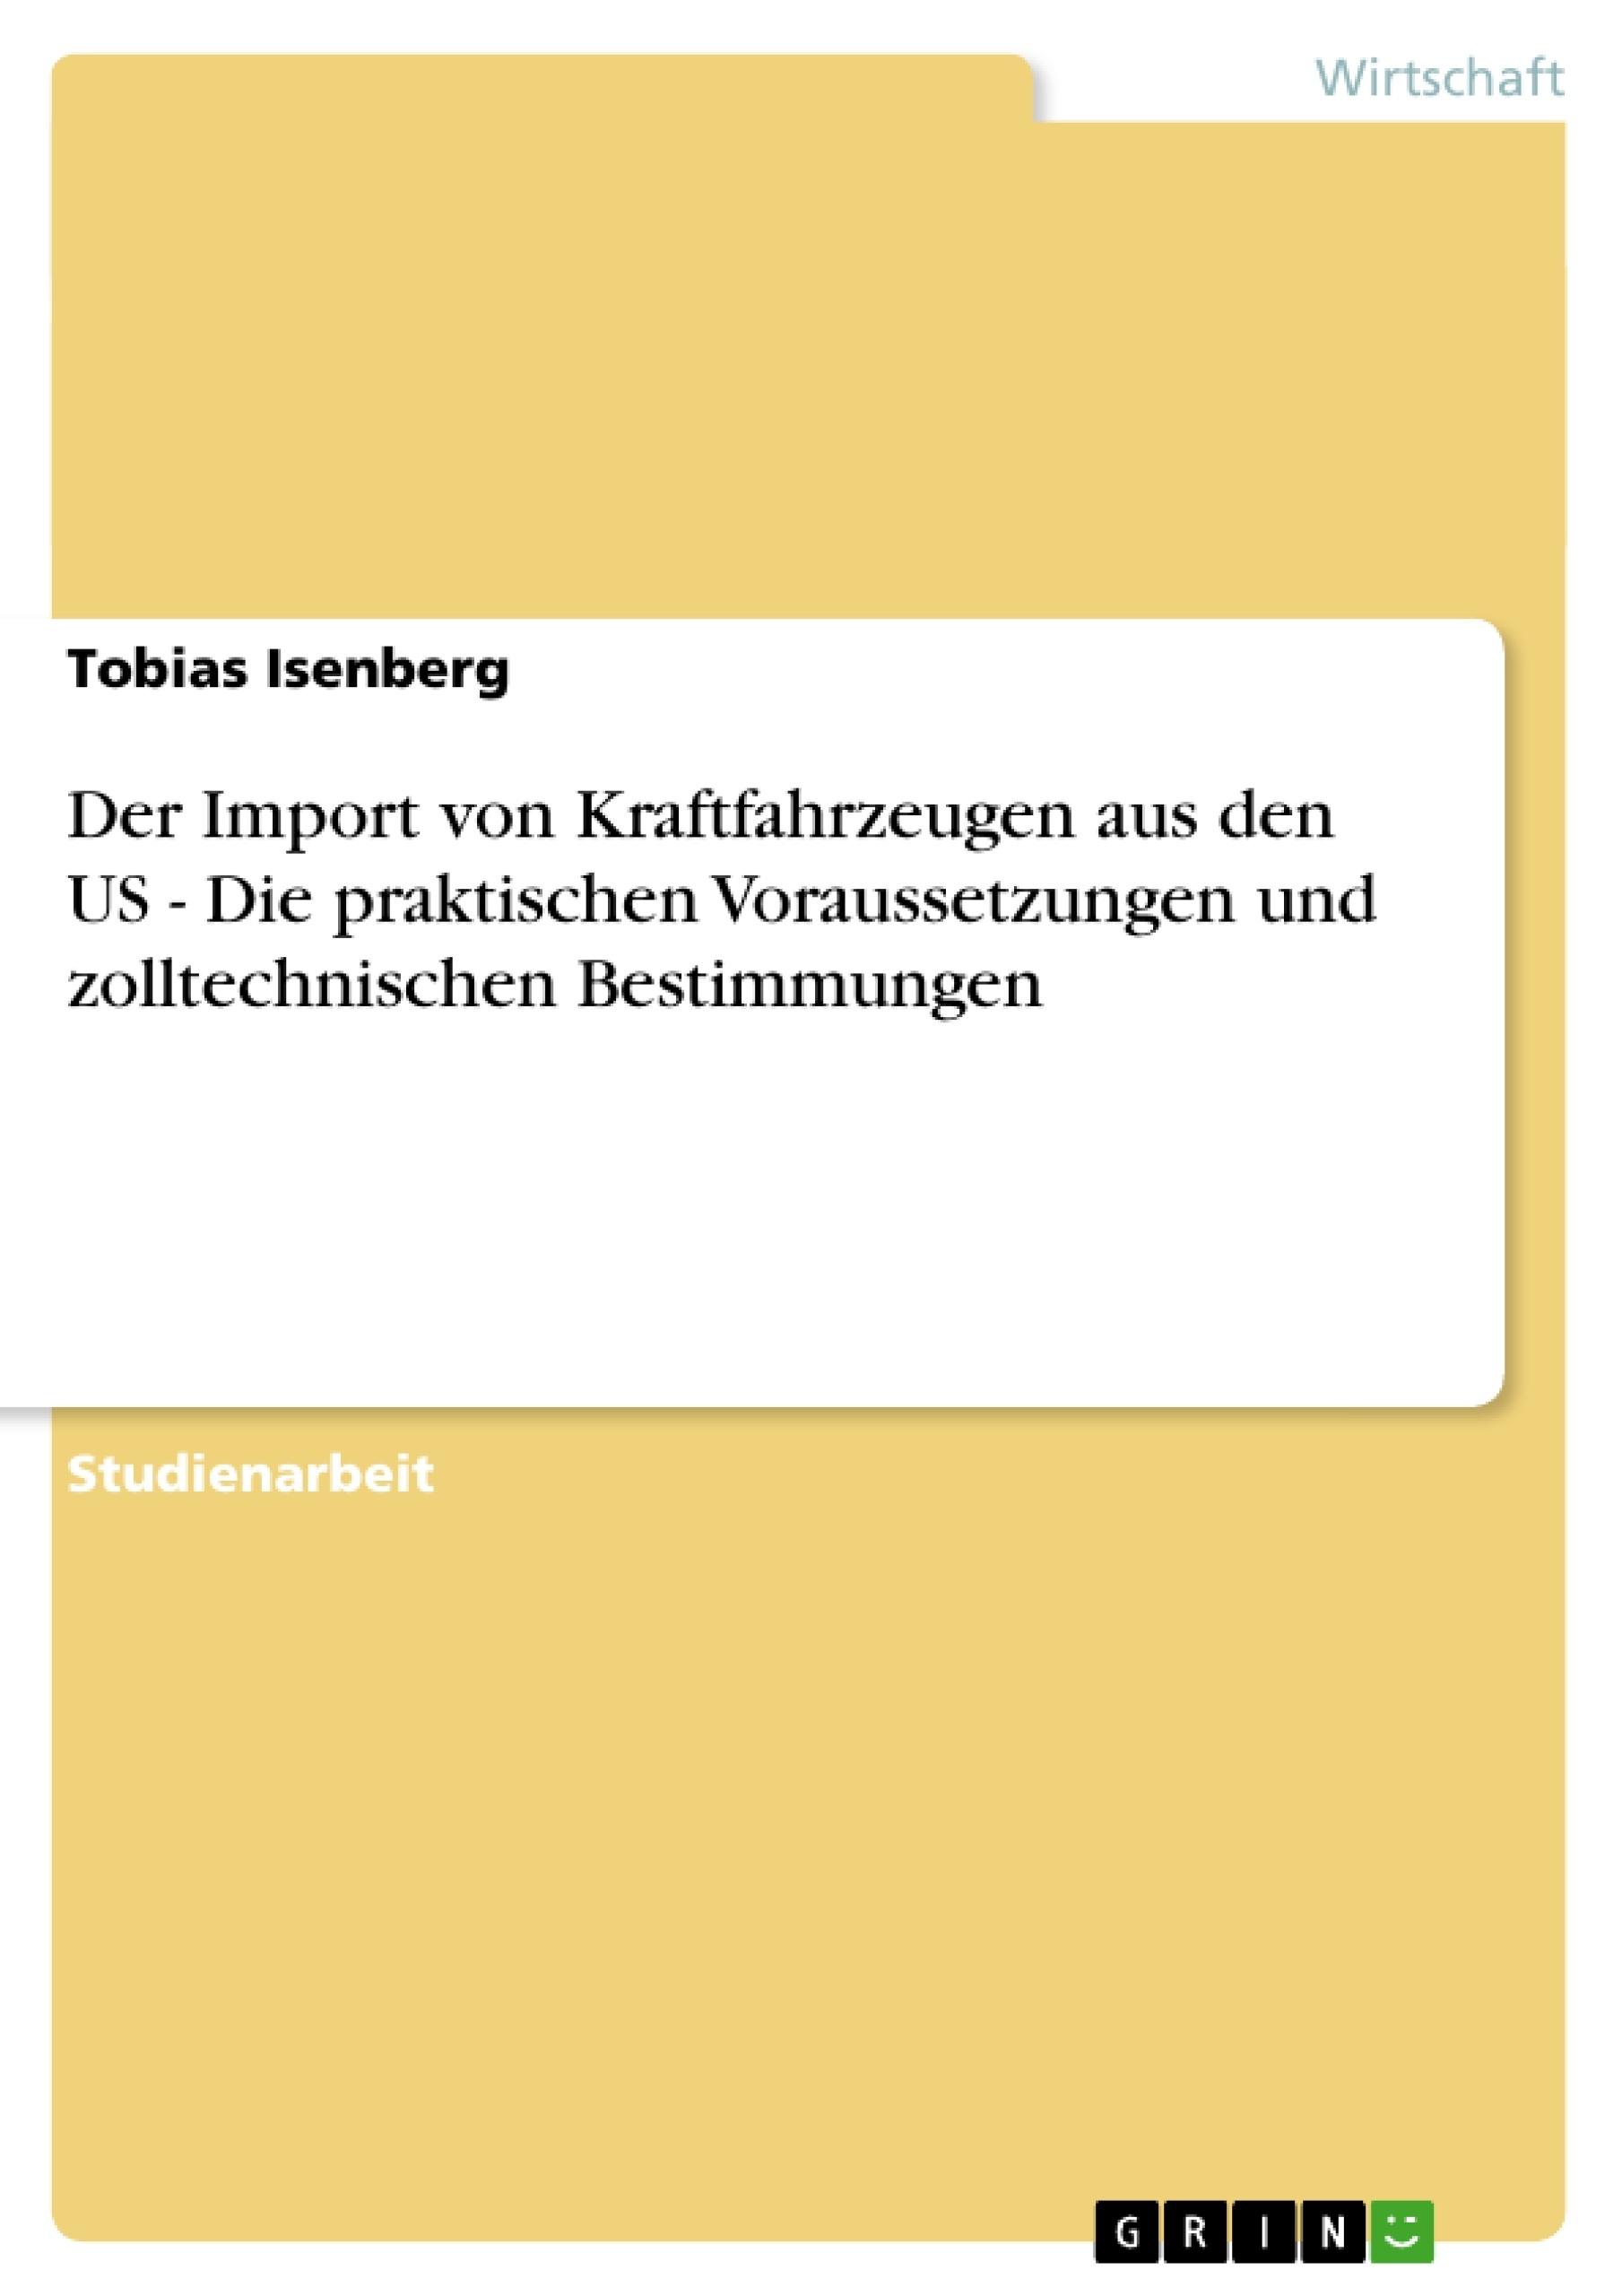 Titel: Der Import von Kraftfahrzeugen aus den US - Die praktischen Voraussetzungen und zolltechnischen Bestimmungen